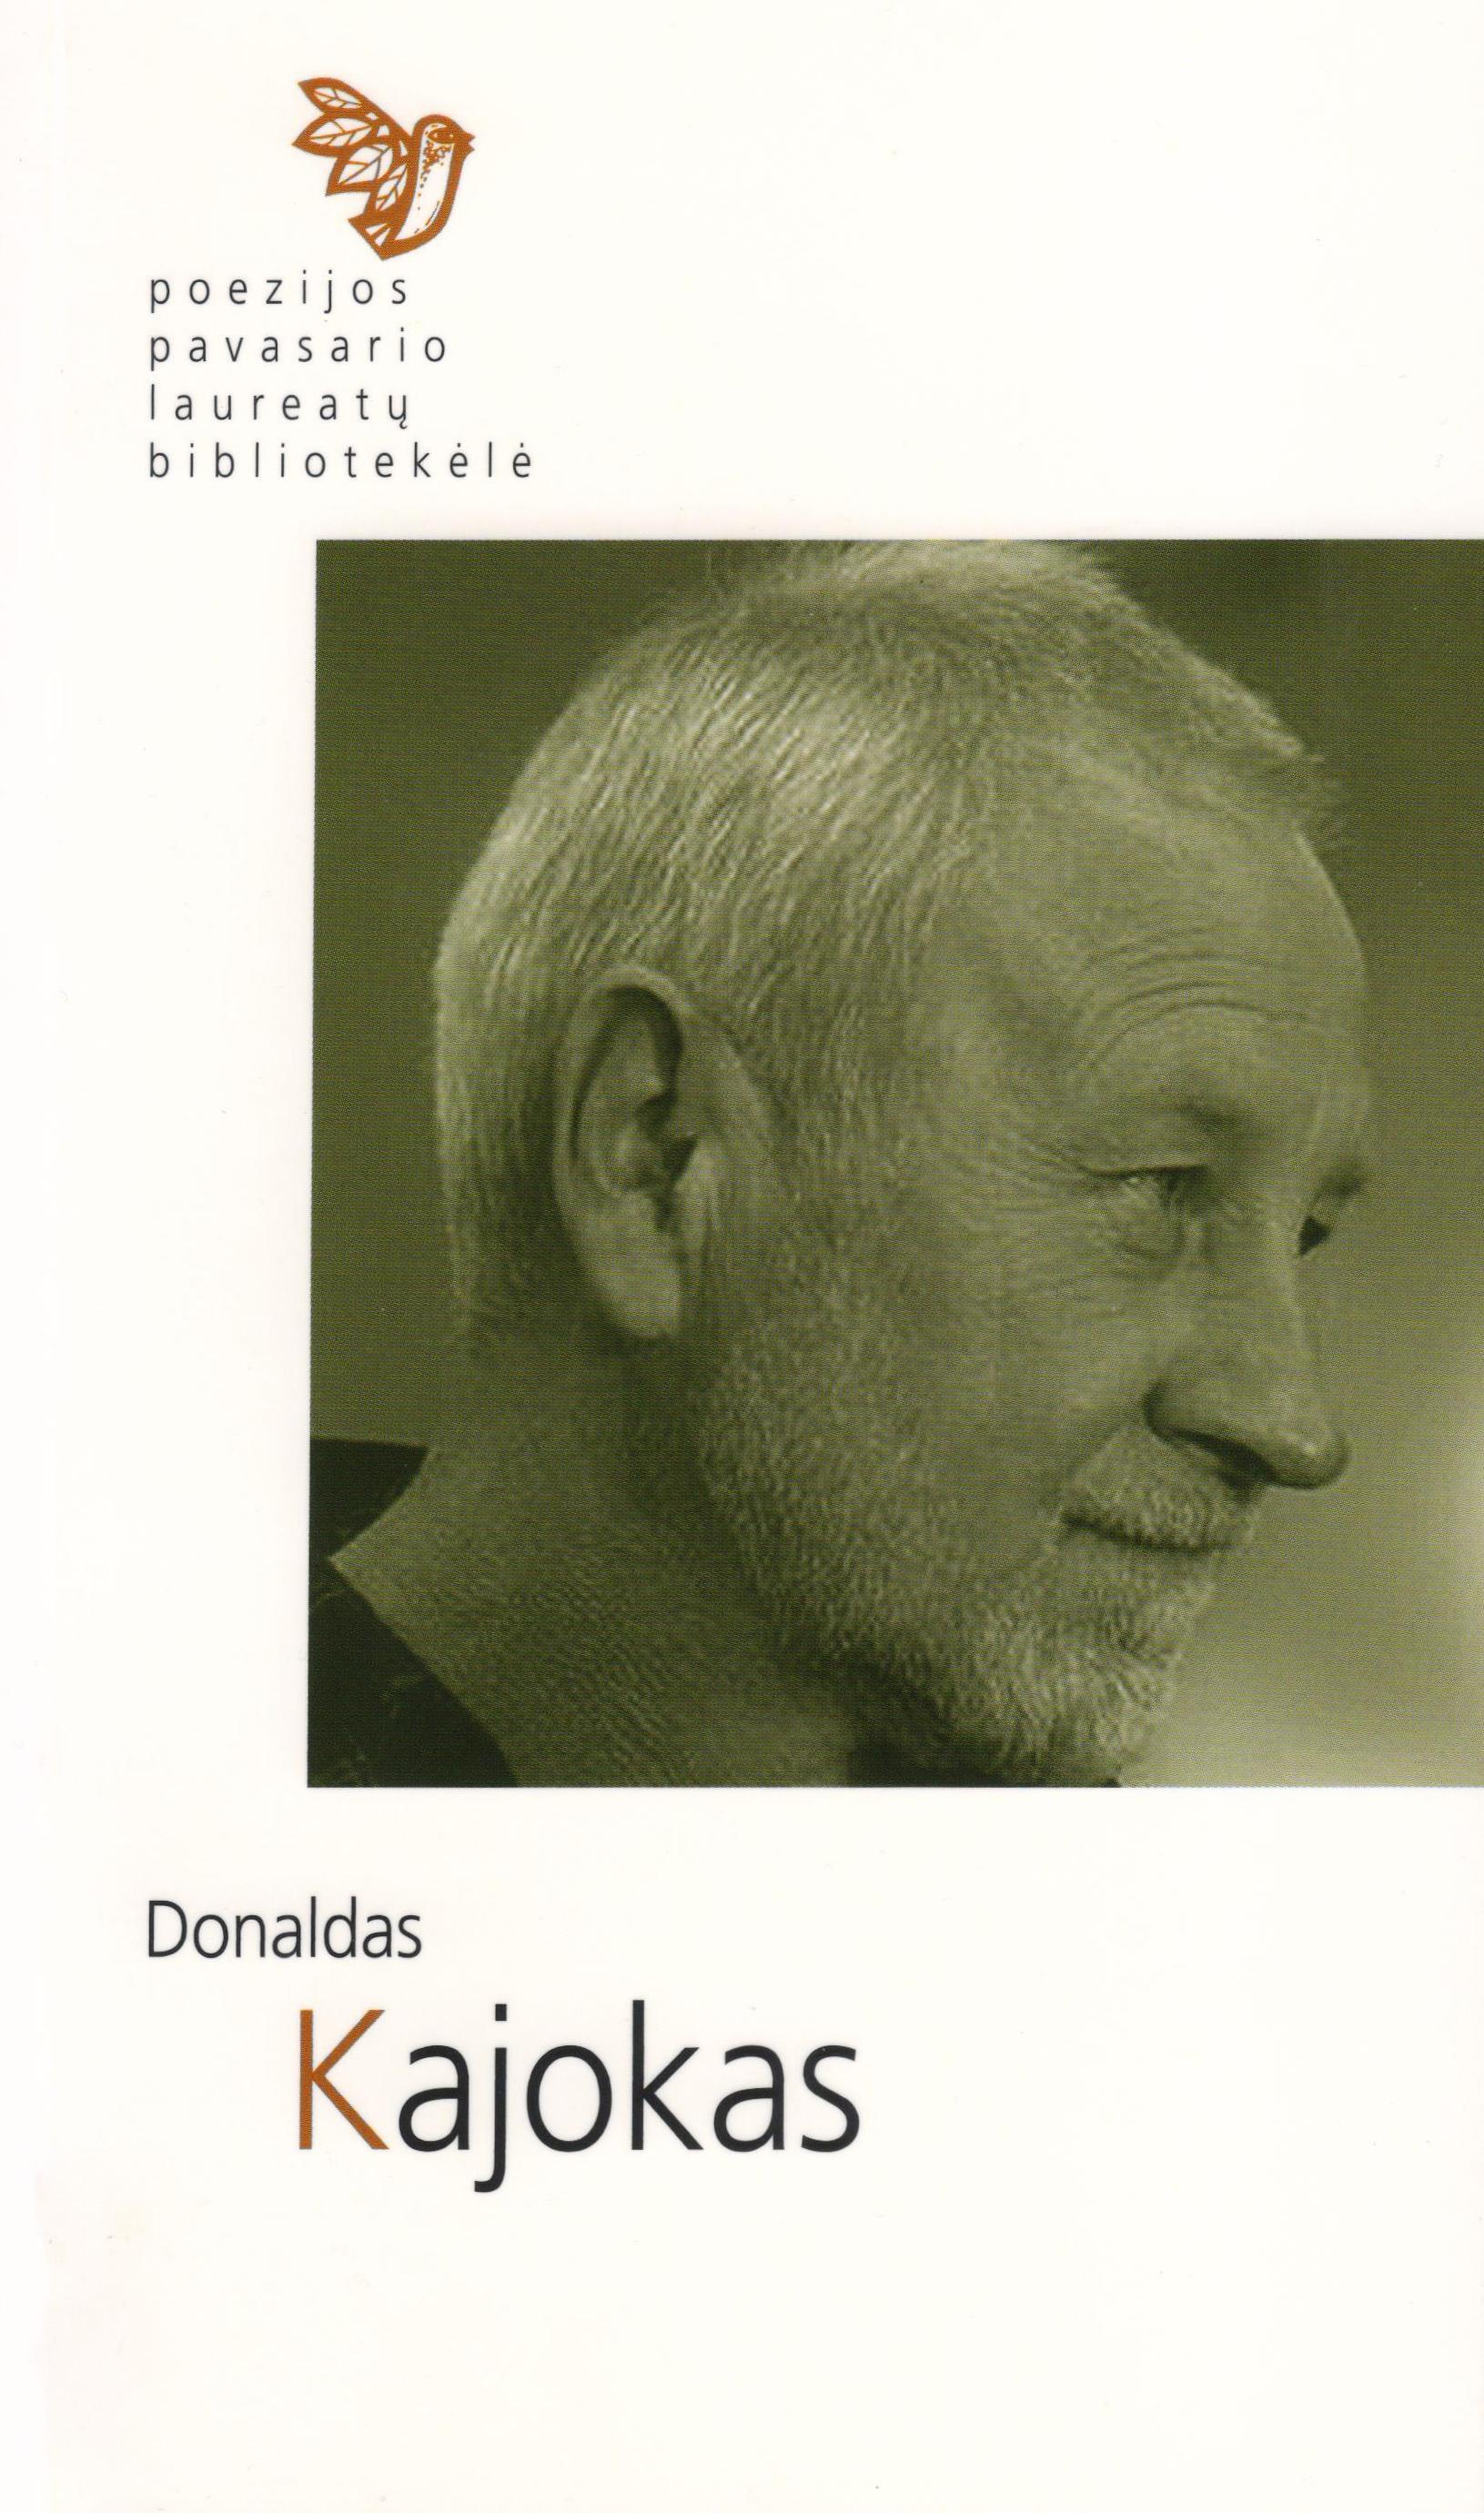 Poezijos pavasario laureatų bibliotekėlė. Donaldas Kajokas (Kaunas: Naujasis lankas, Kauno meno kūrėjų asociacija, 2013)